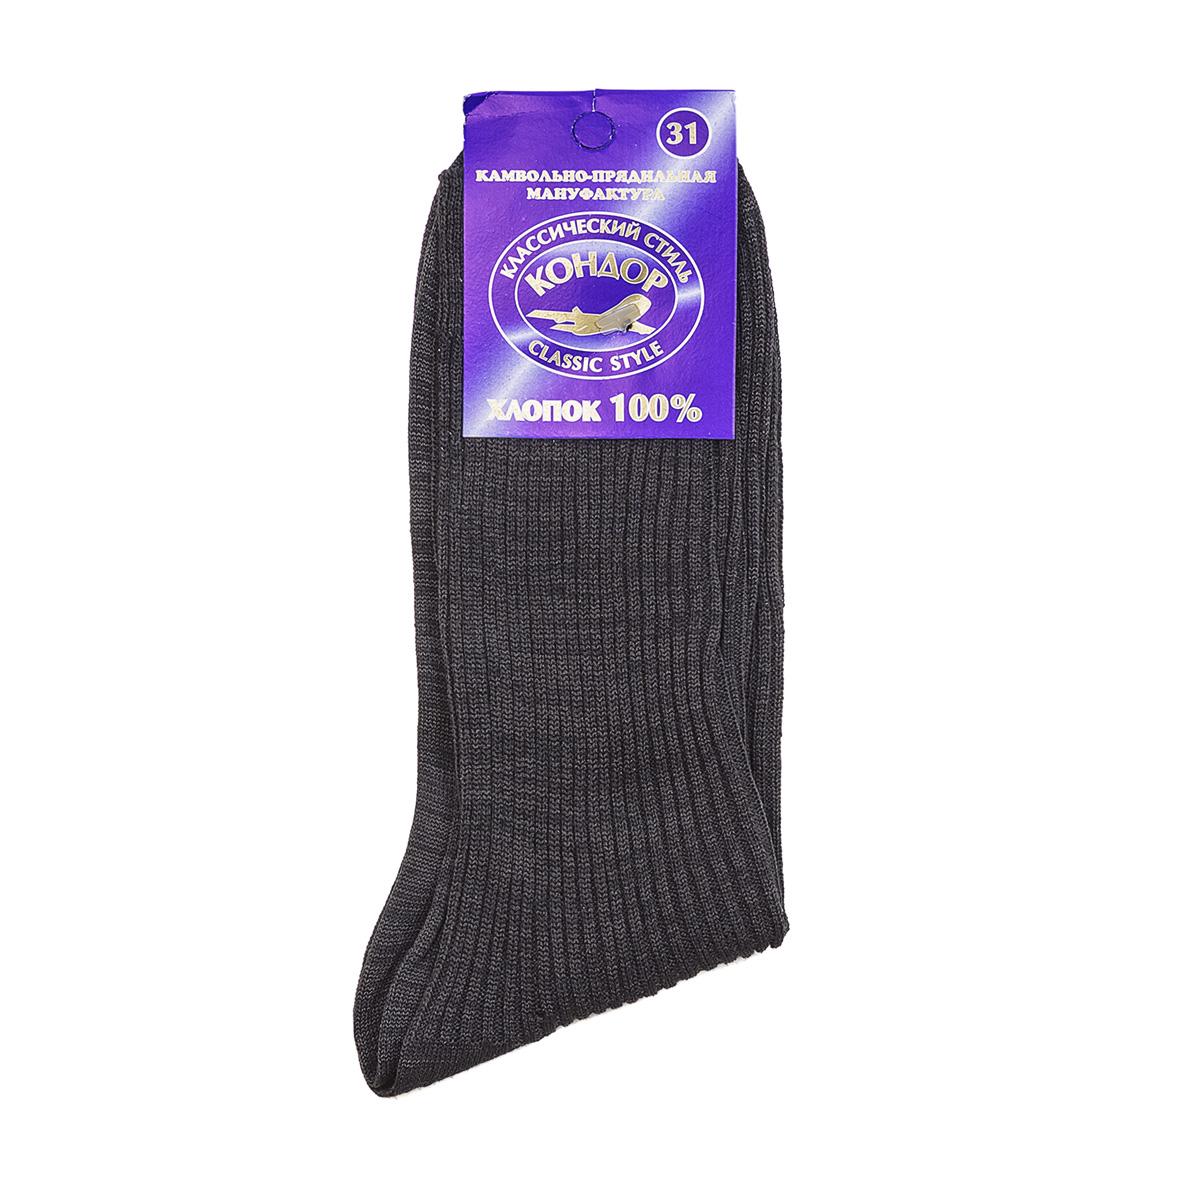 Носки мужские Кондор, размер 45-46Носки<br><br><br>Тип: Муж. носки<br>Размер: 45-46<br>Материал: Хлопок